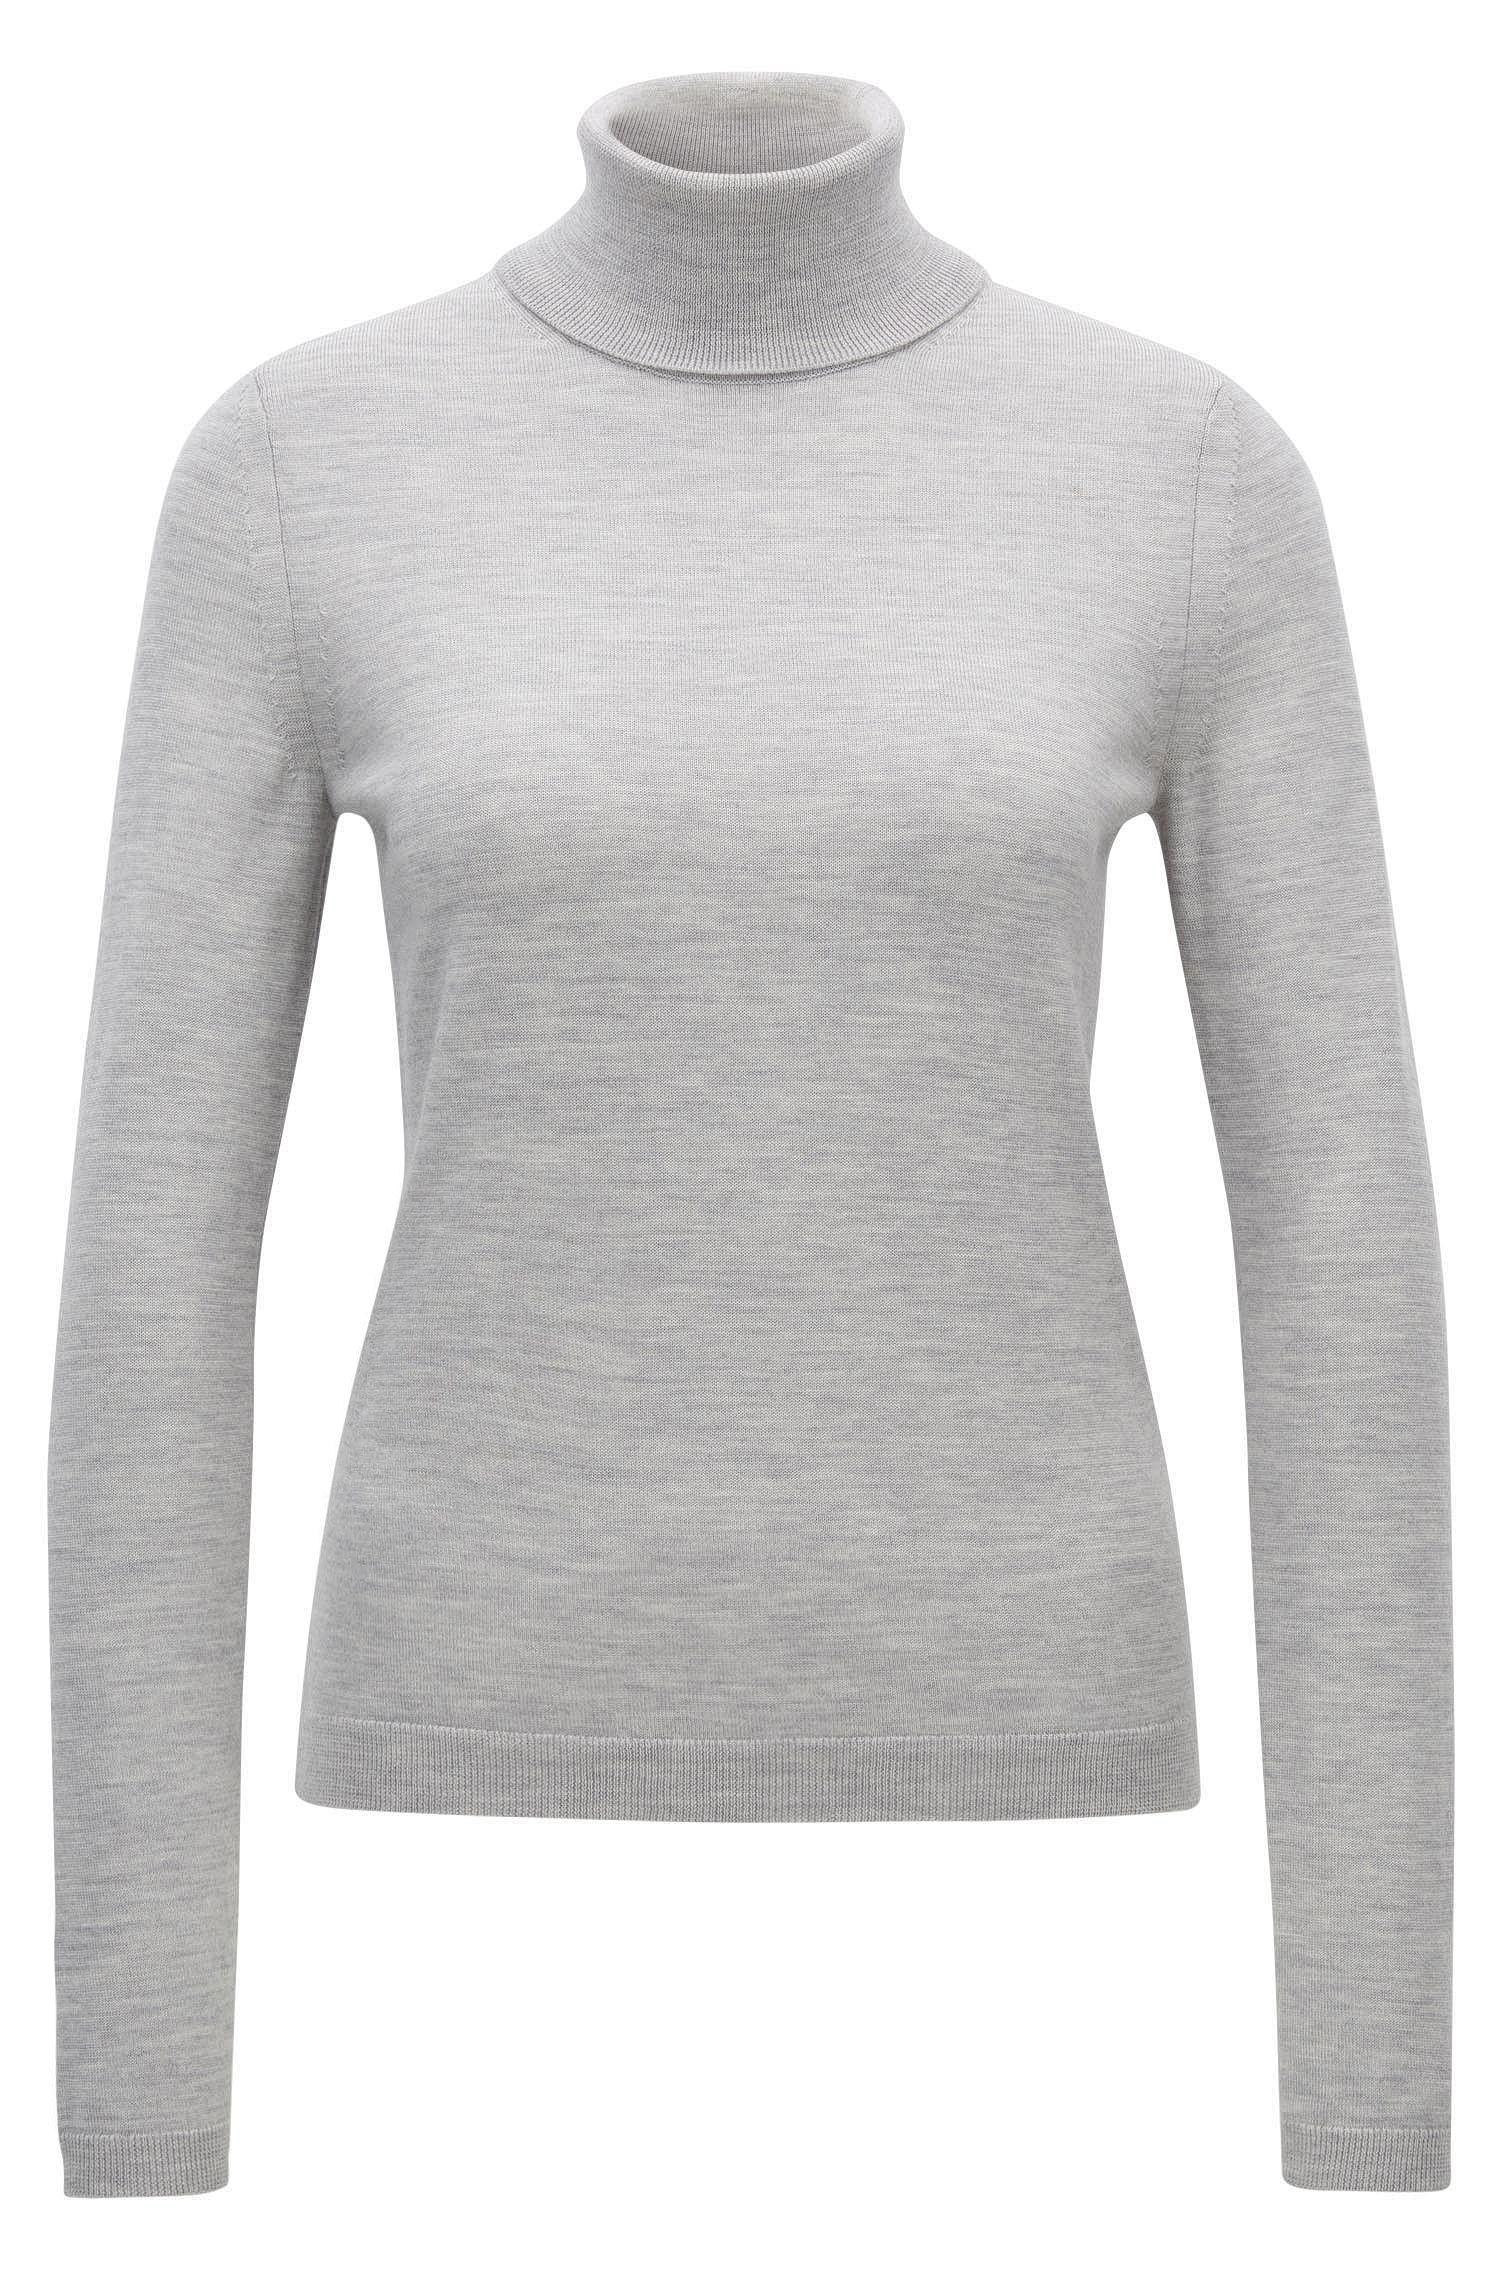 Jersey de cuello alto en lana de merino mercerizada